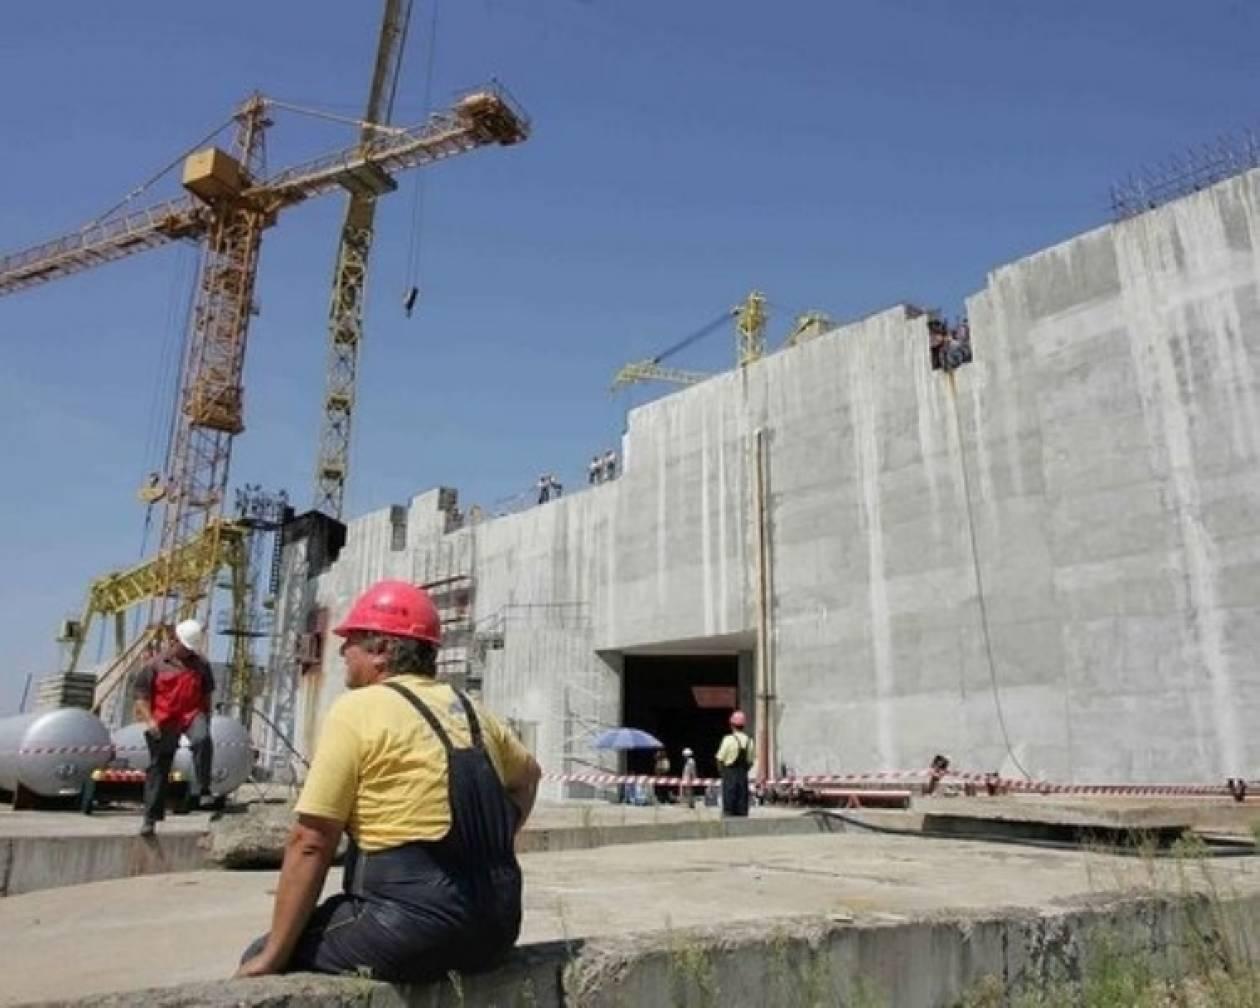 Αποζημίωση 1 δισ. ευρώ για τον πυρηνικό σταθμό του Μπέλενε